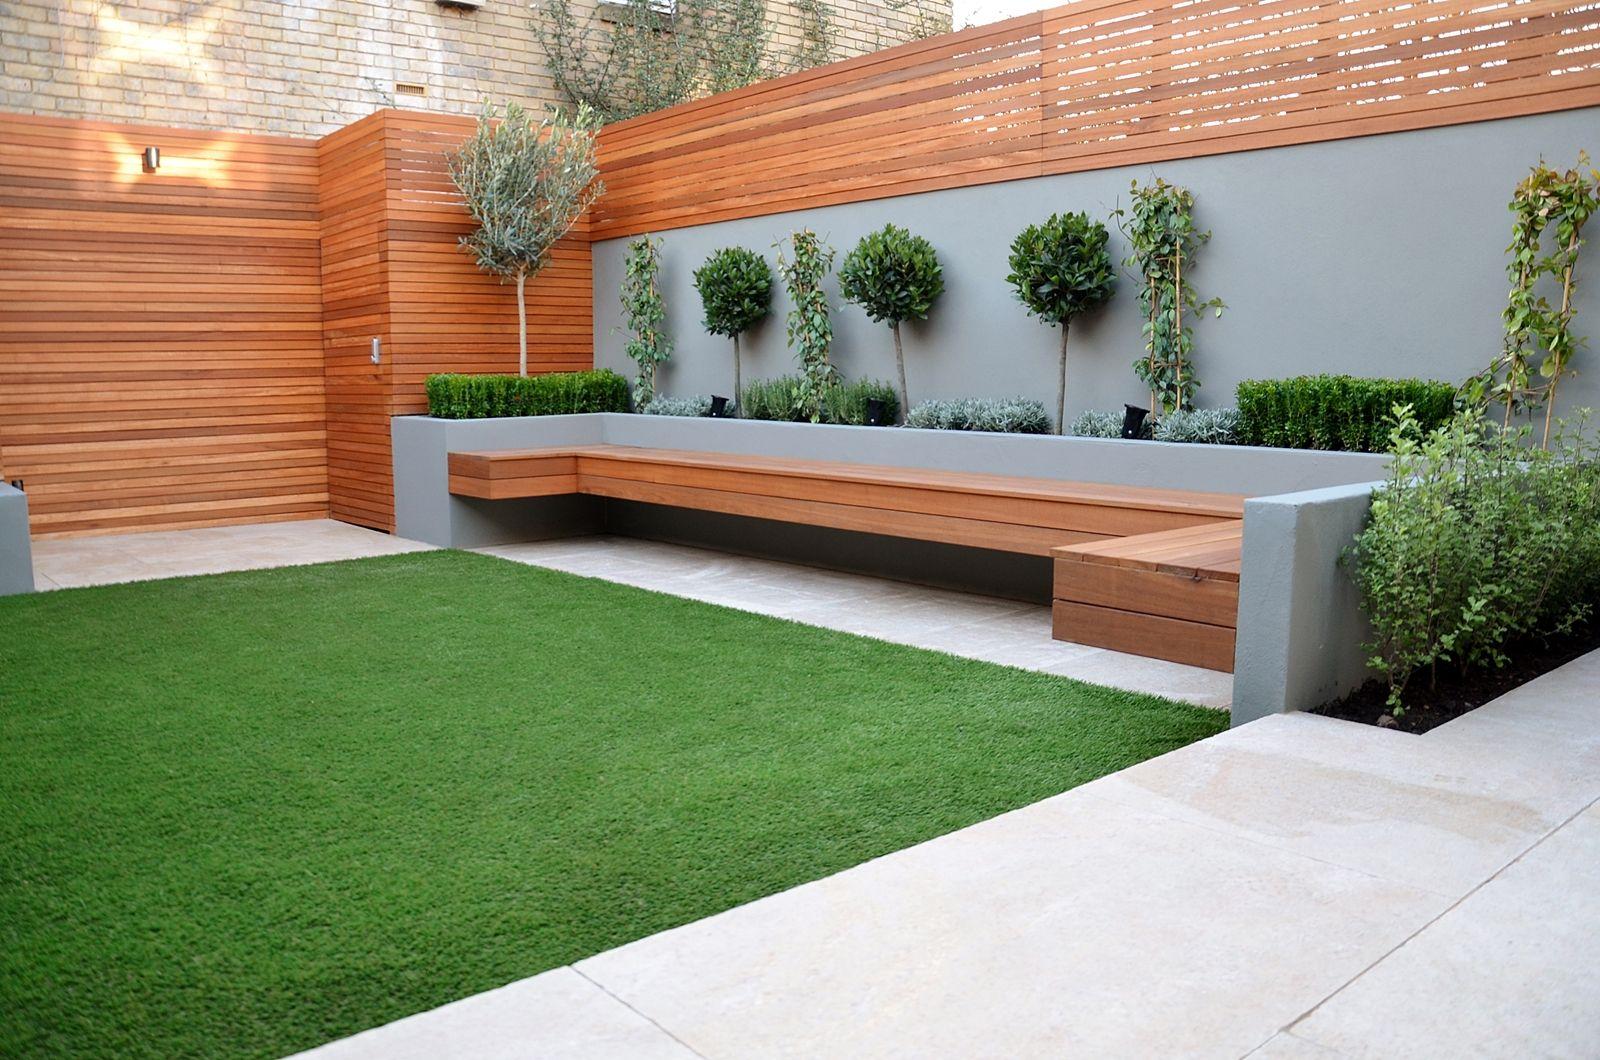 Modern Low Maintenance Garden Design Clapham London 400 x 300